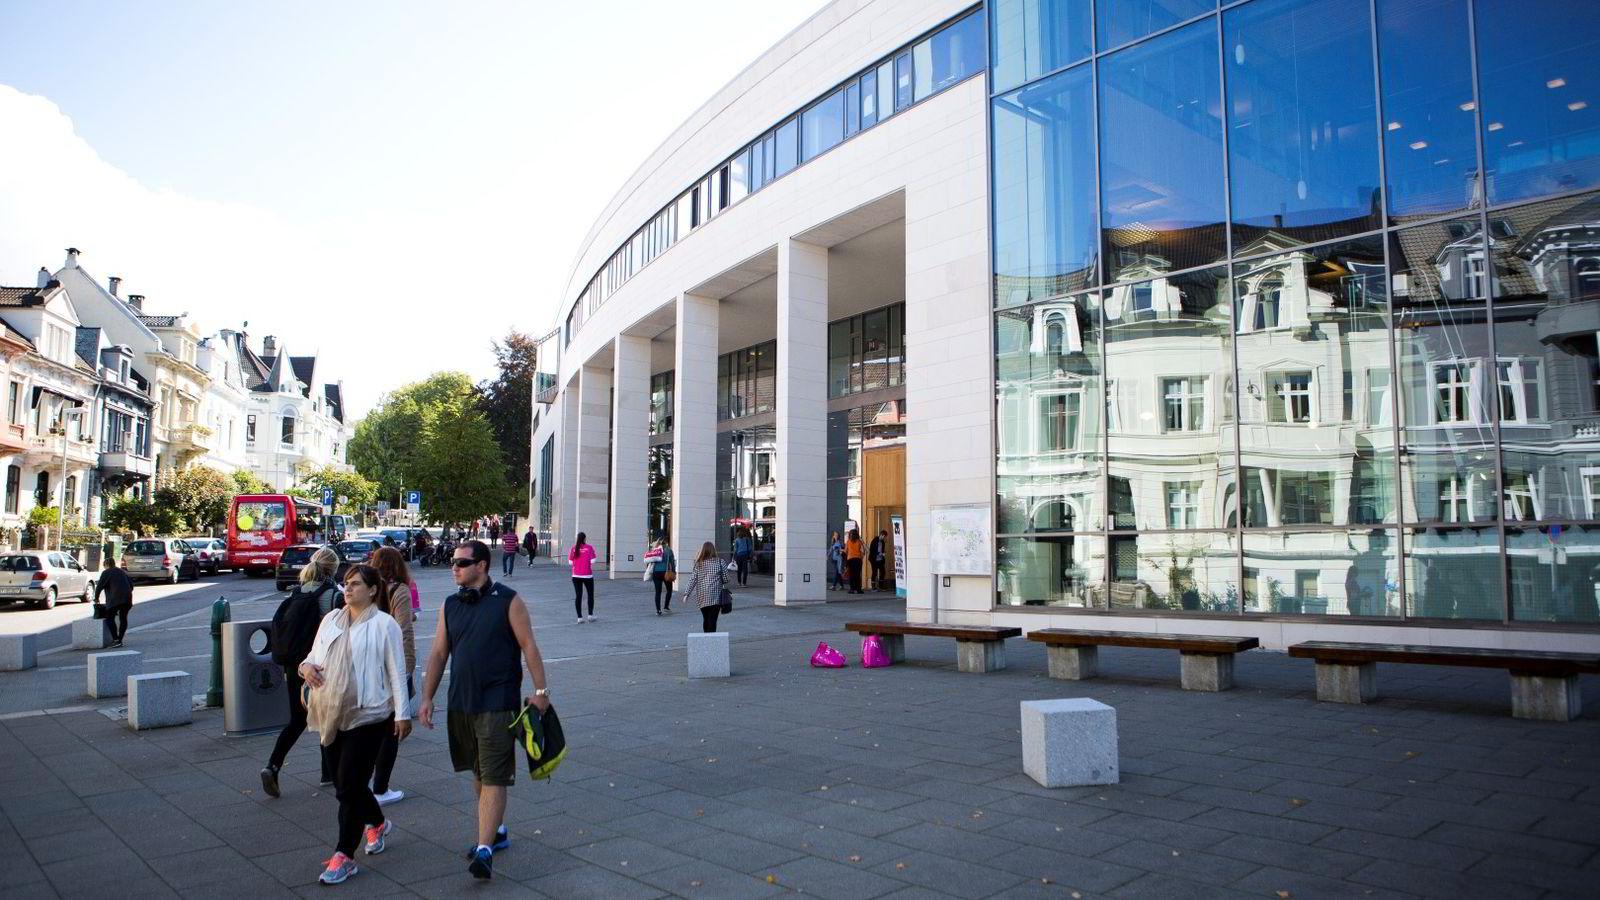 40 prosent av bachelorstudentene ved Universitetet i Bergen fullfører ikke graden. Universitetet håpet et motivasjonsbrev ville bedre statistikken, men får ikke lov til å prøve ut ordningen.